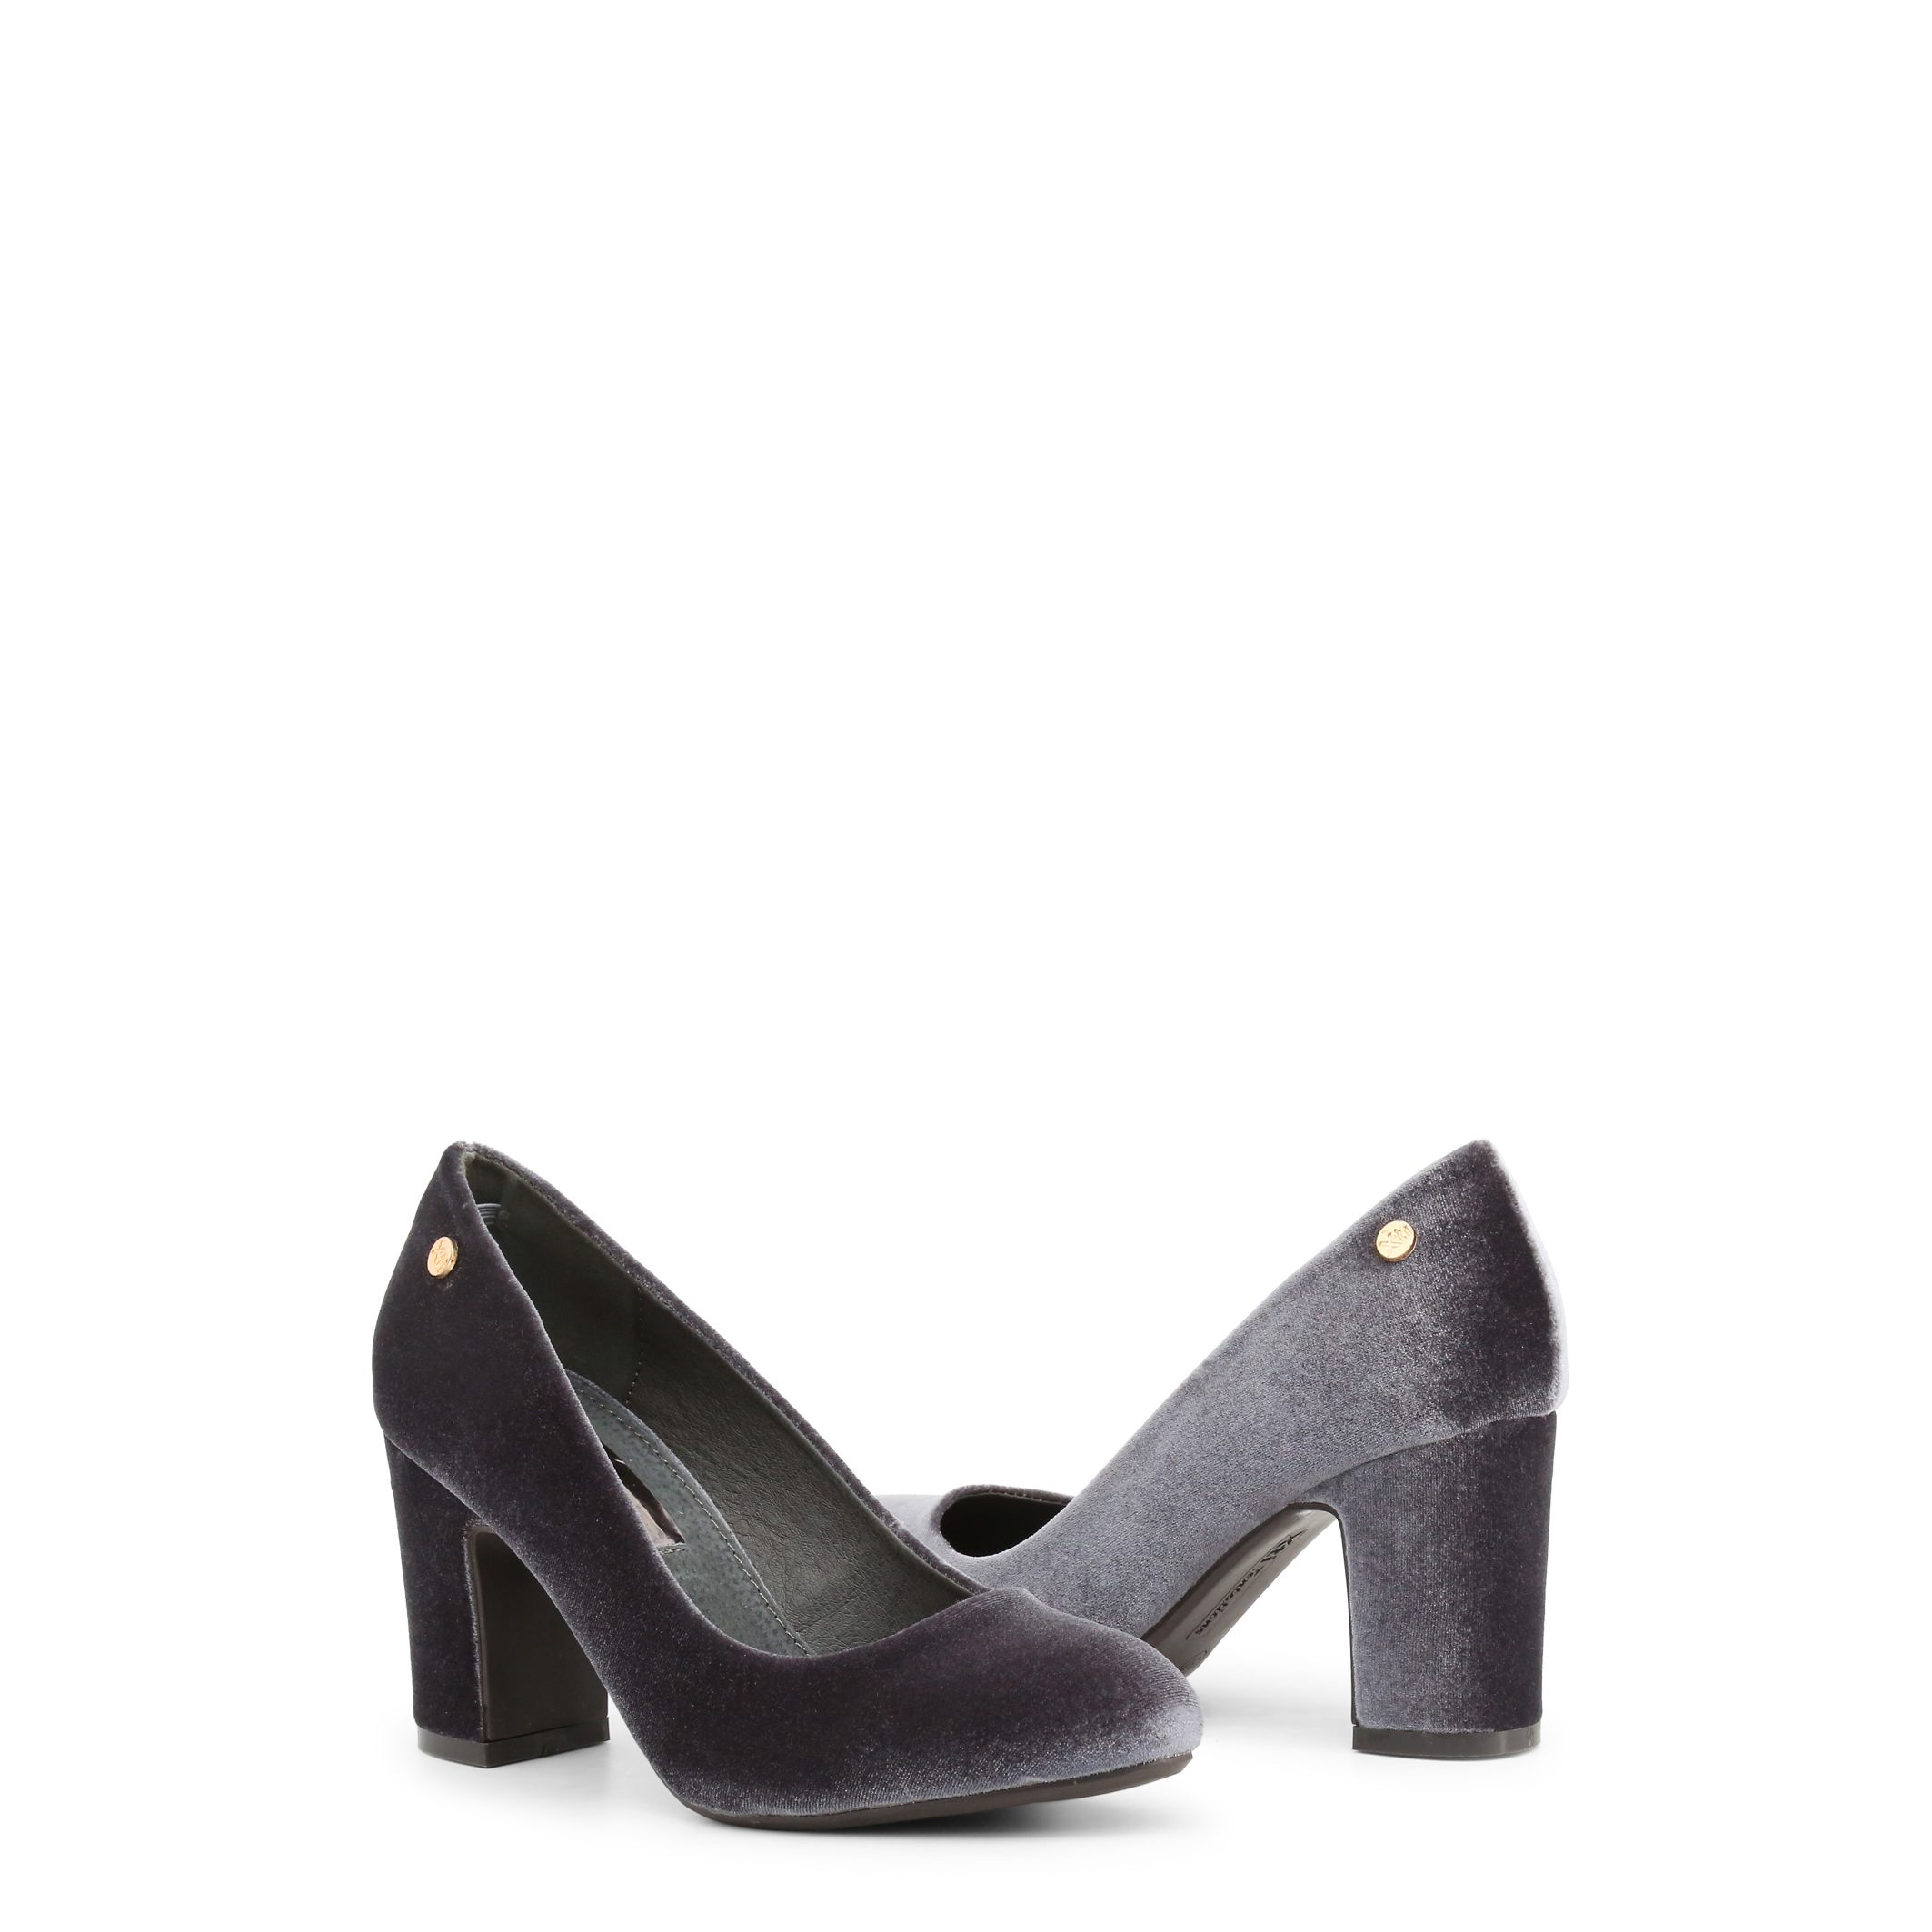 Xti Schuhe 30487, Damen High hochzeit Heels Blau/Grau/Violett/Schwarz pumps hochzeit High aed79a